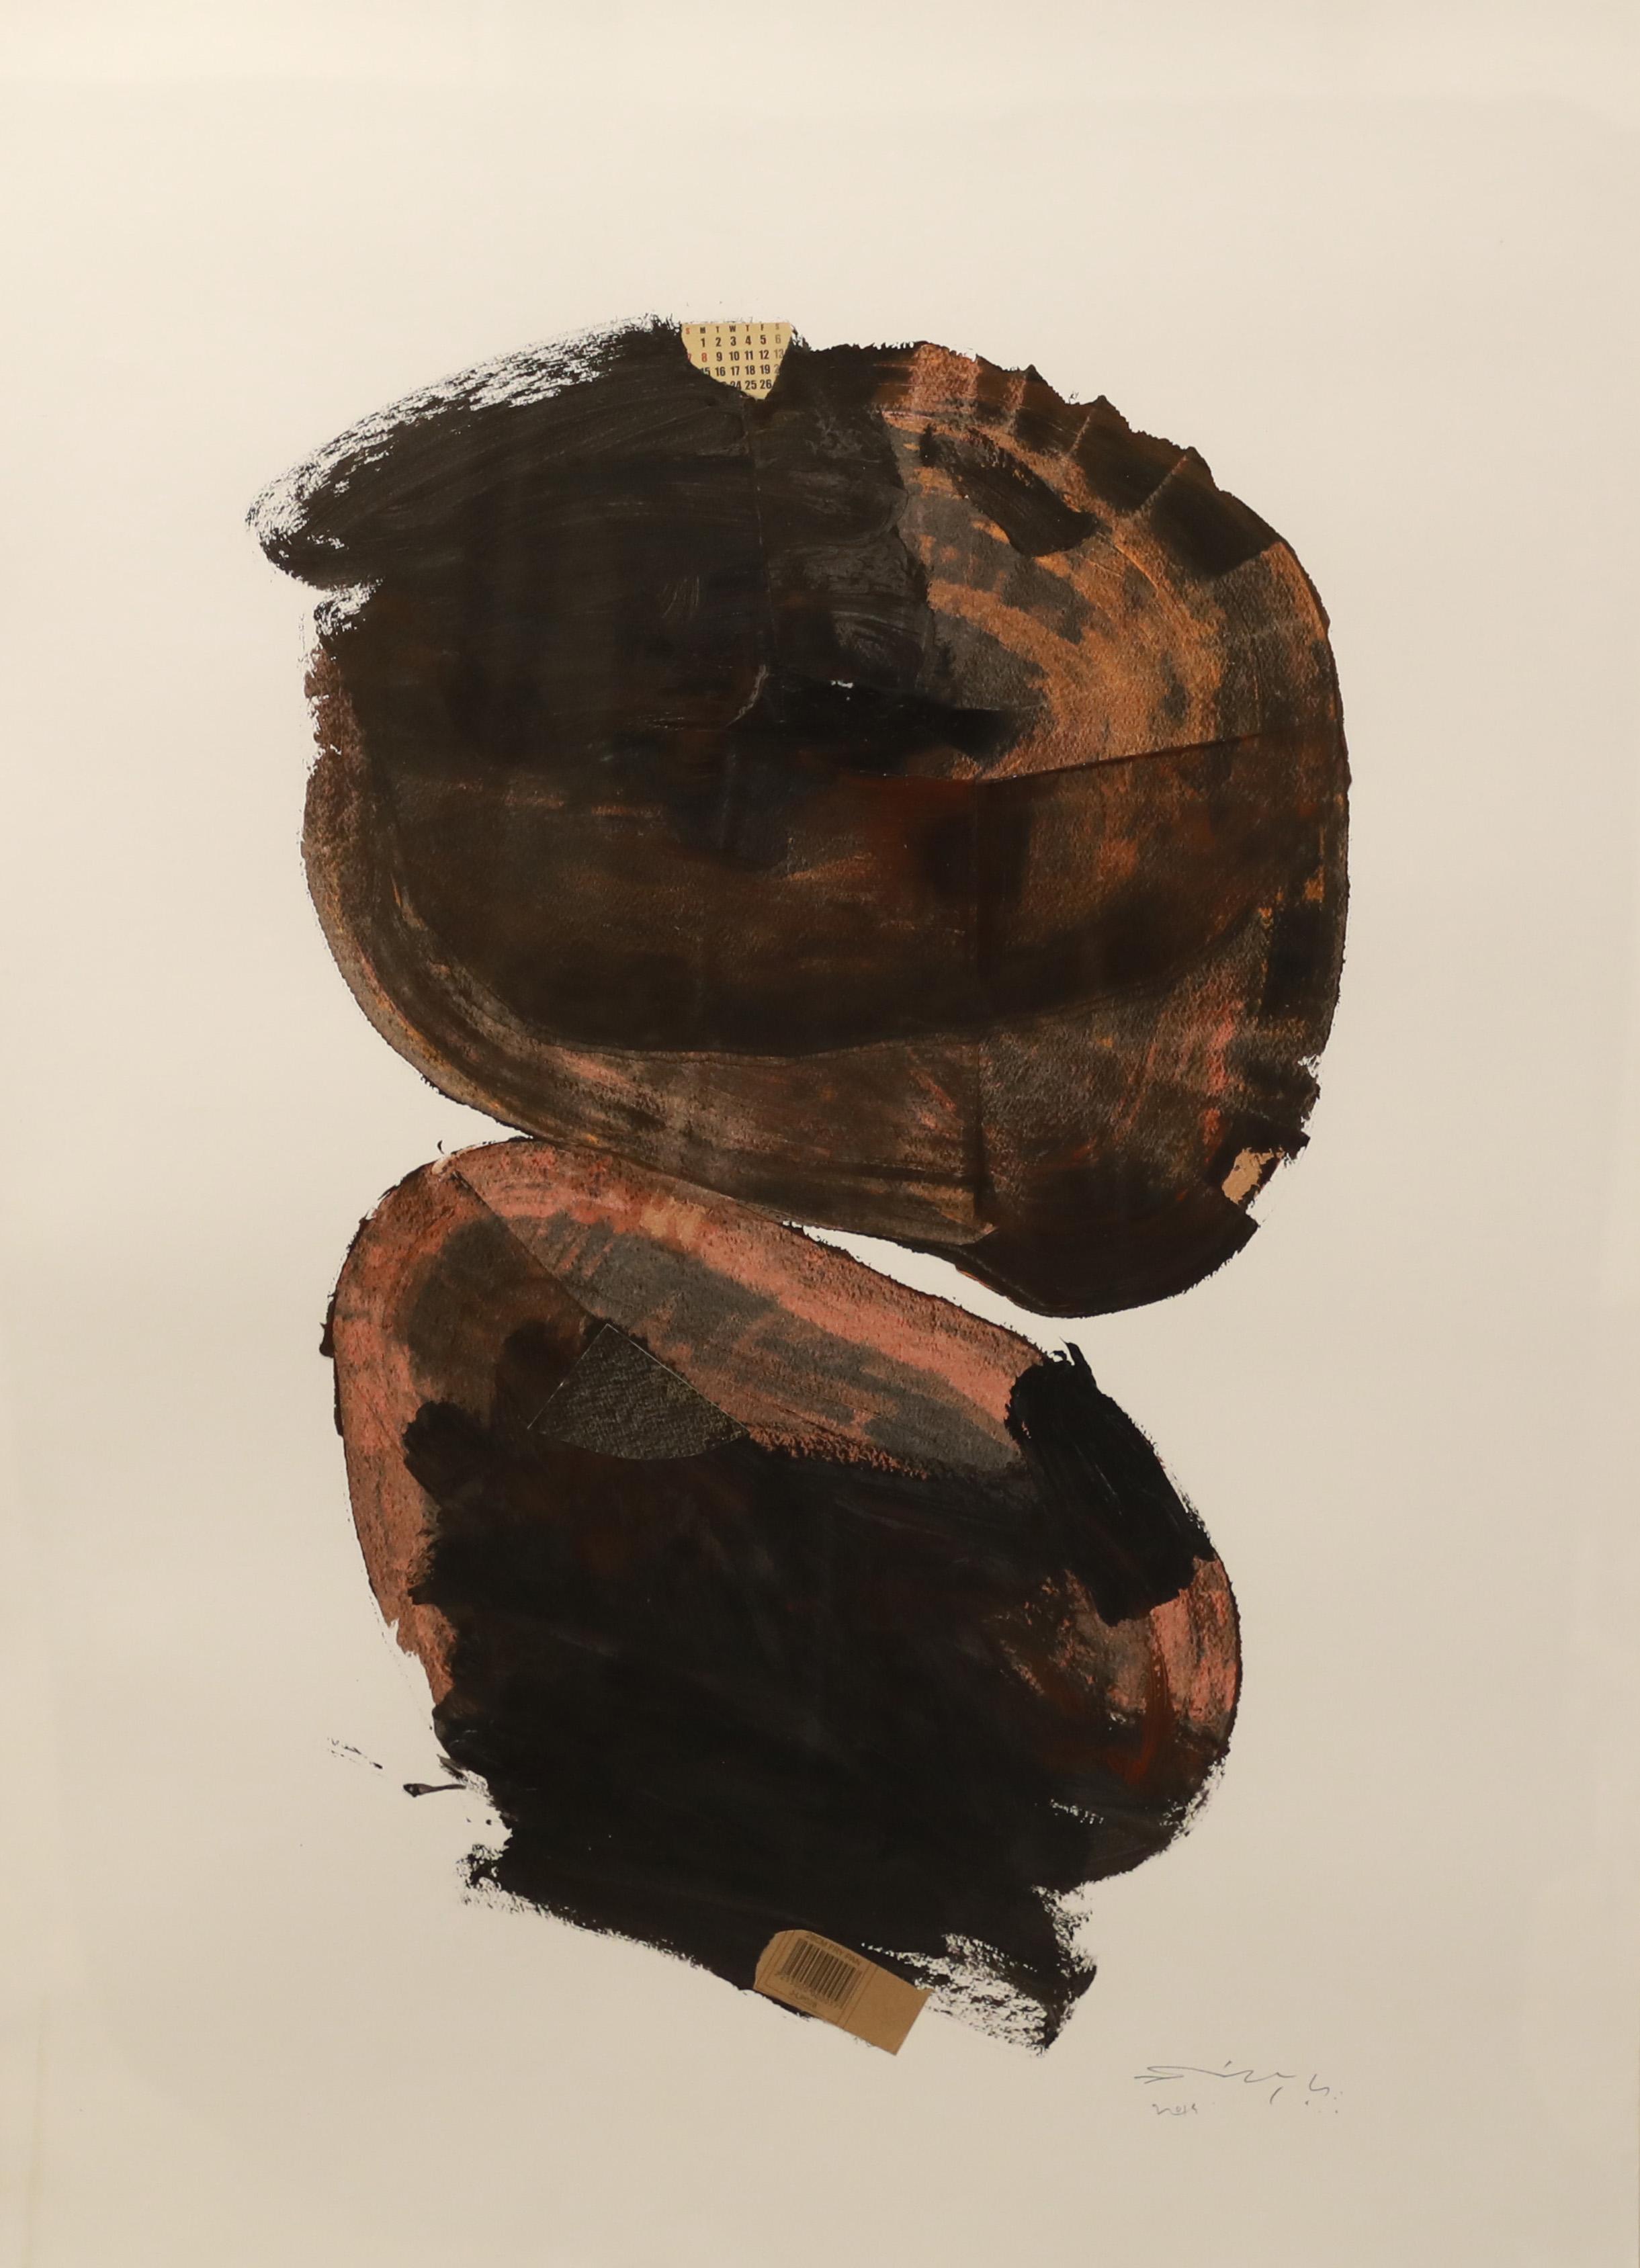 Kinglsey Gunatillake book art  contemporary south asian